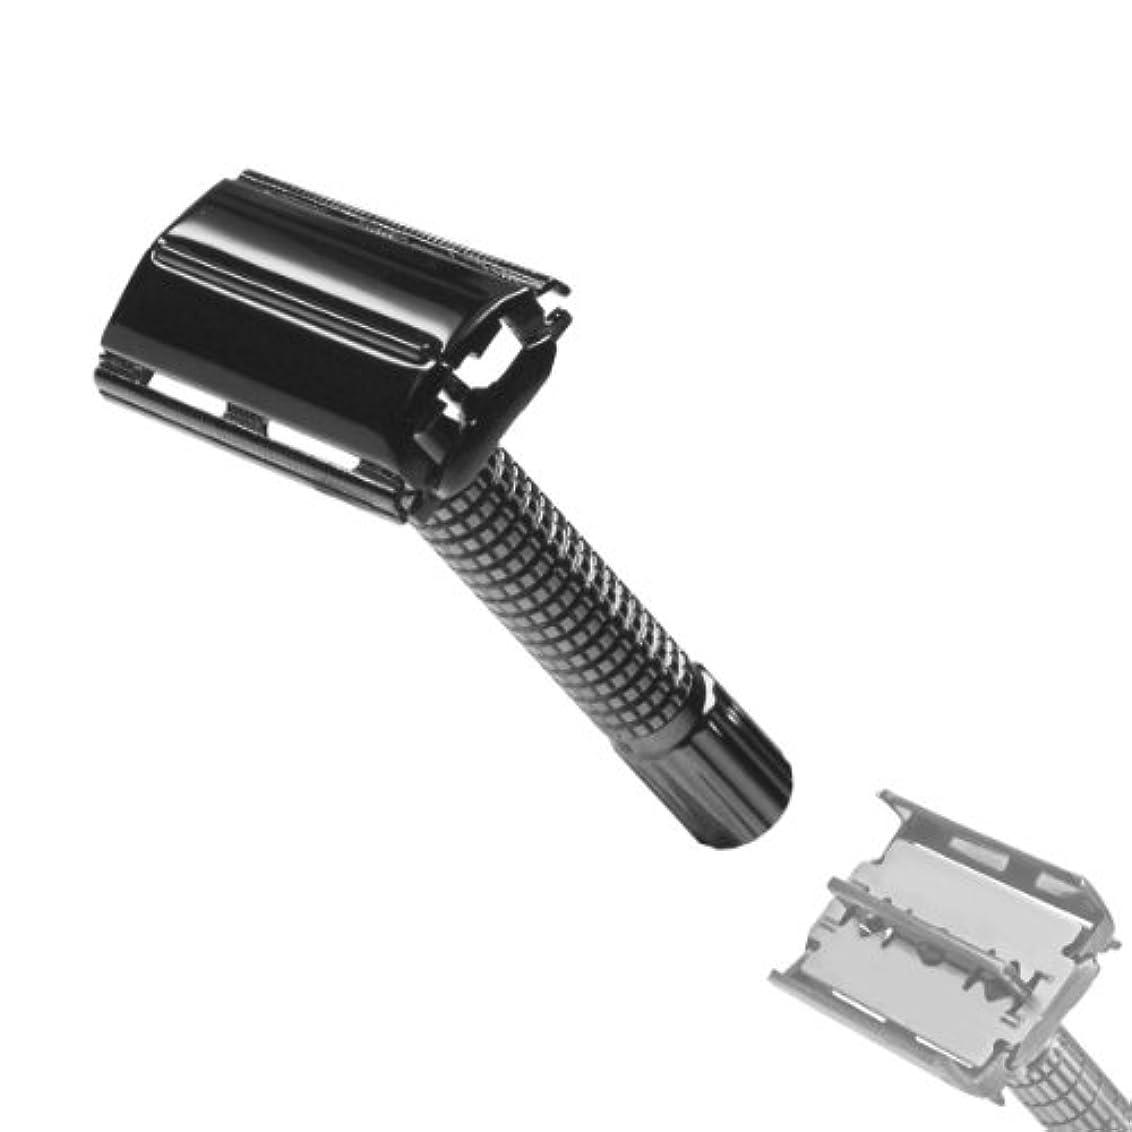 真剣にアイスクリーム虚栄心RAZOLUTION TwinTop Safety razor, Butterfly system, black chrome, 8 cm